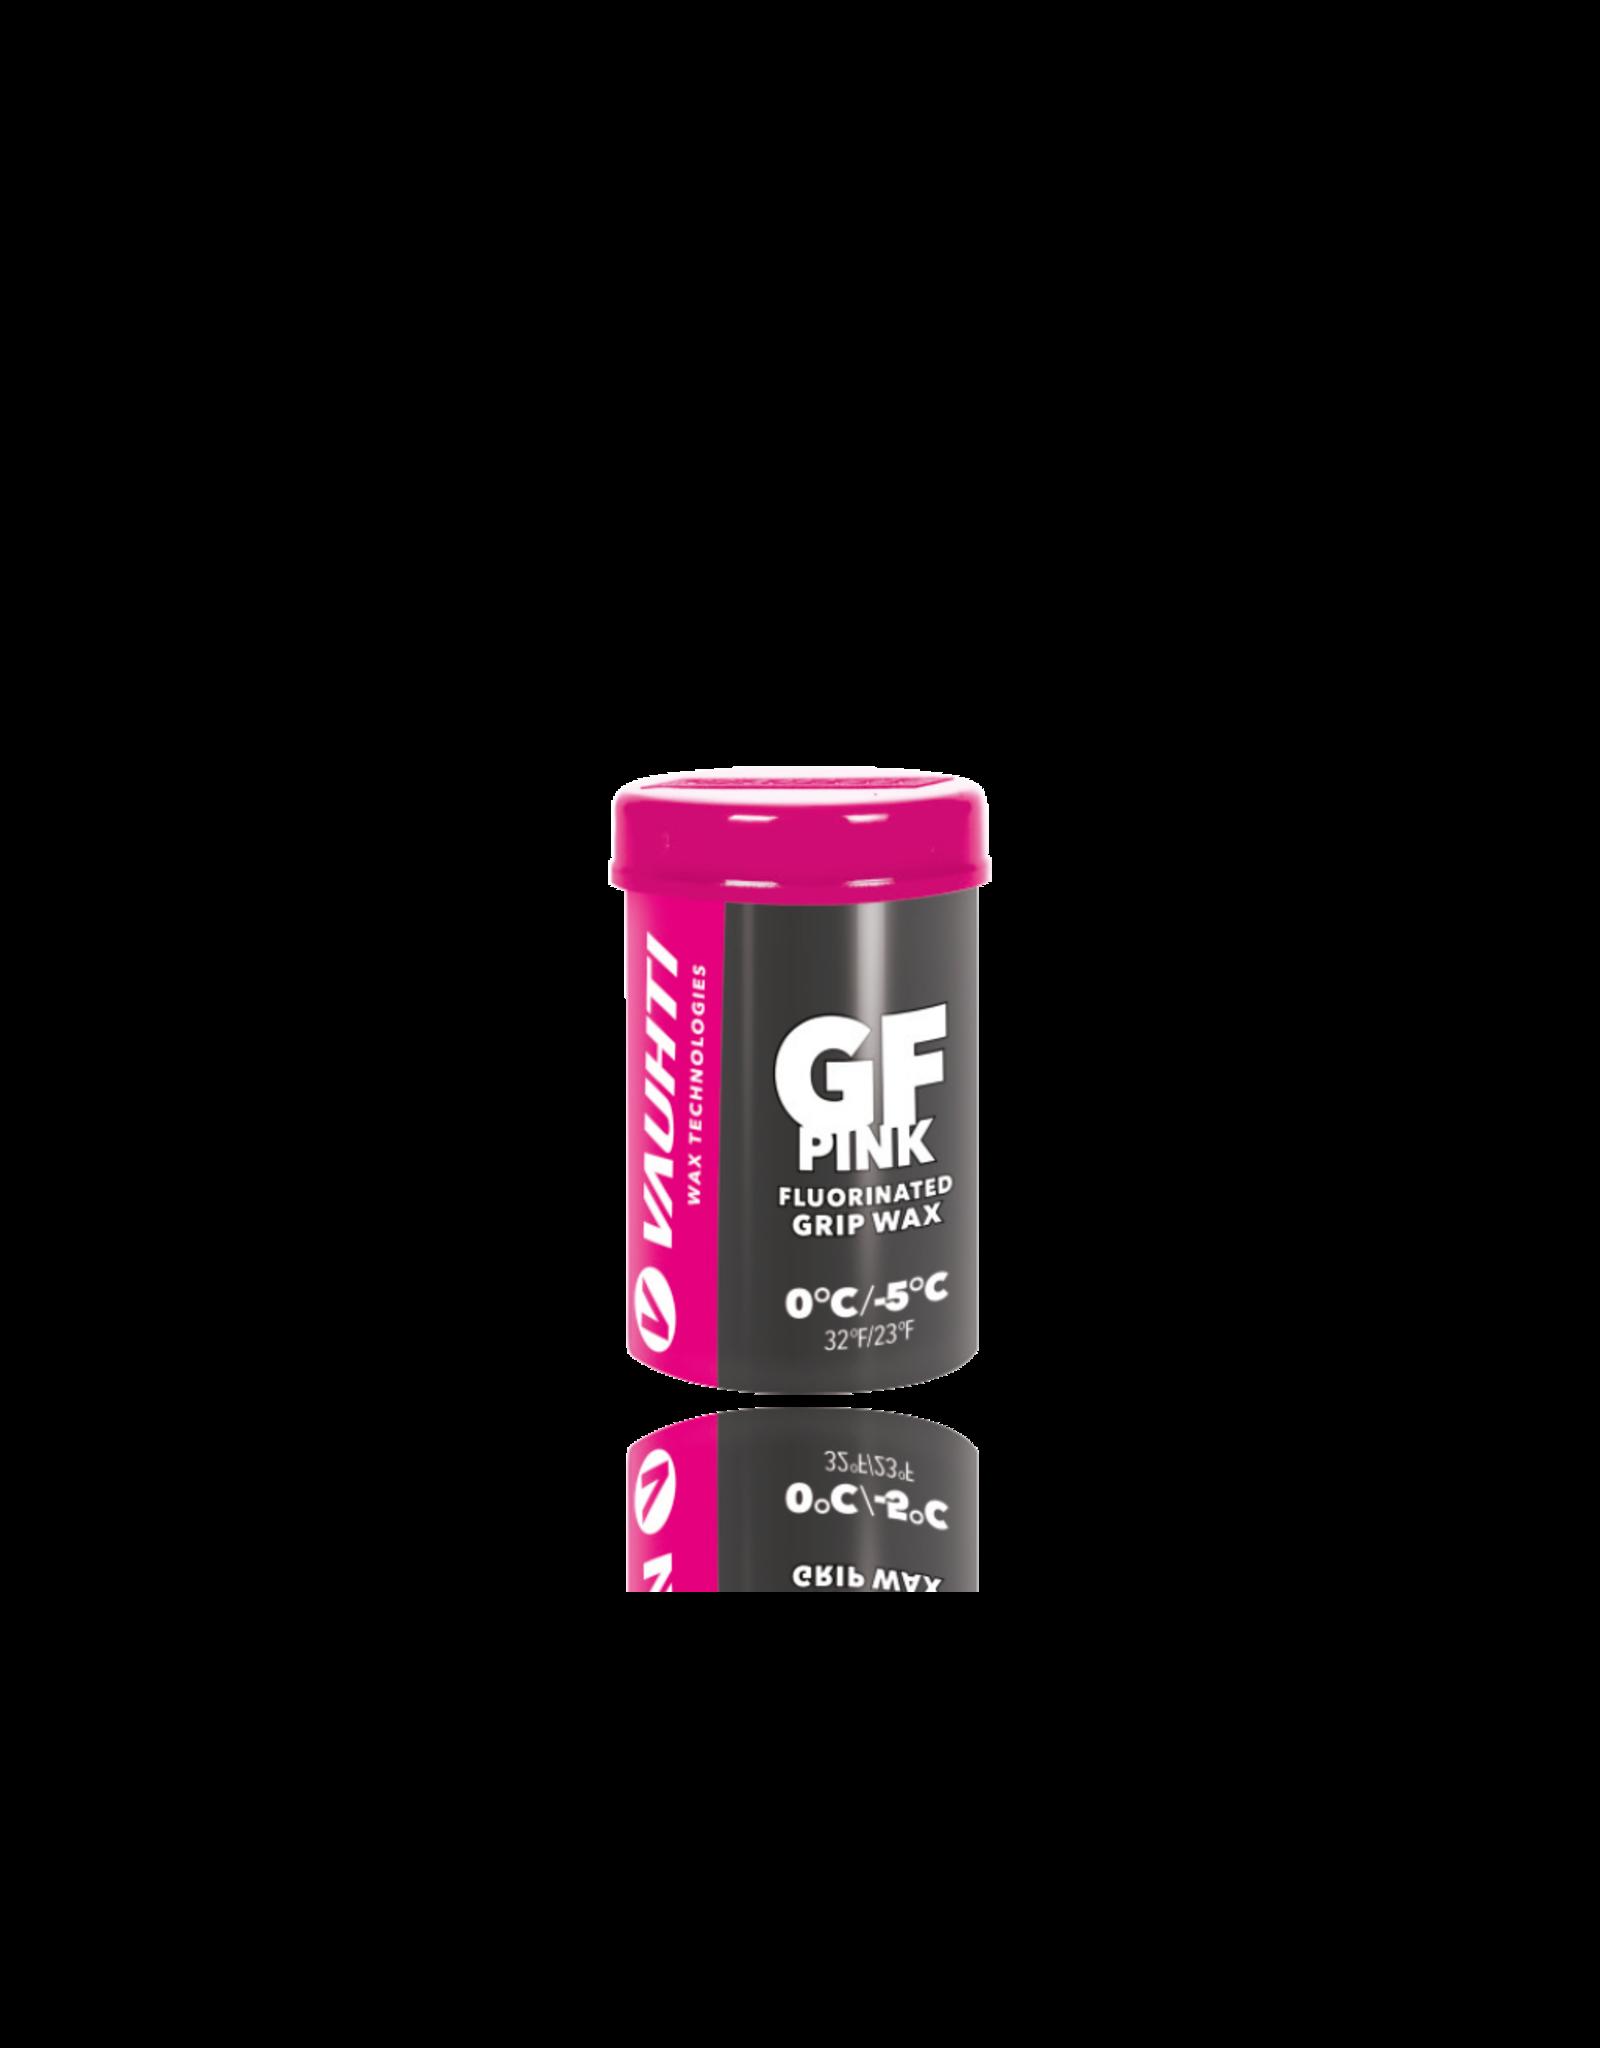 Vauhti Vauhti GF Fluor Grip Wax Pink